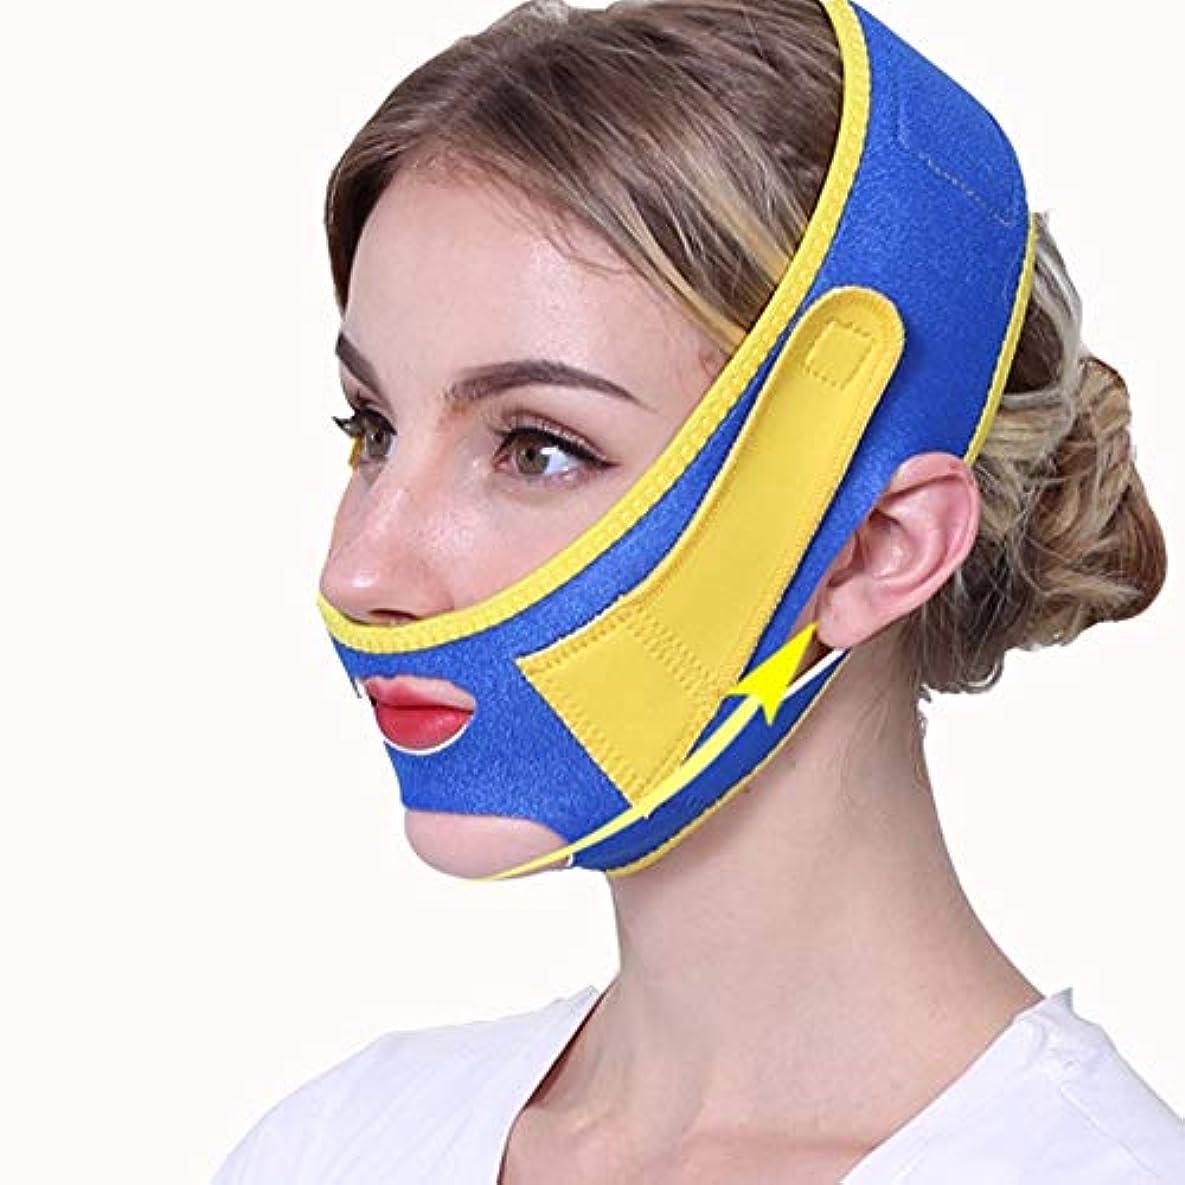 どちらも素朴なパテ飛強強 フェイシャルリフティング痩身ベルトフェイス包帯マスク整形マスクフェイスベルトを引き締める薄型フェイス包帯整形マスクフェイスと首の顔を引き締めスリム スリムフィット美容ツール